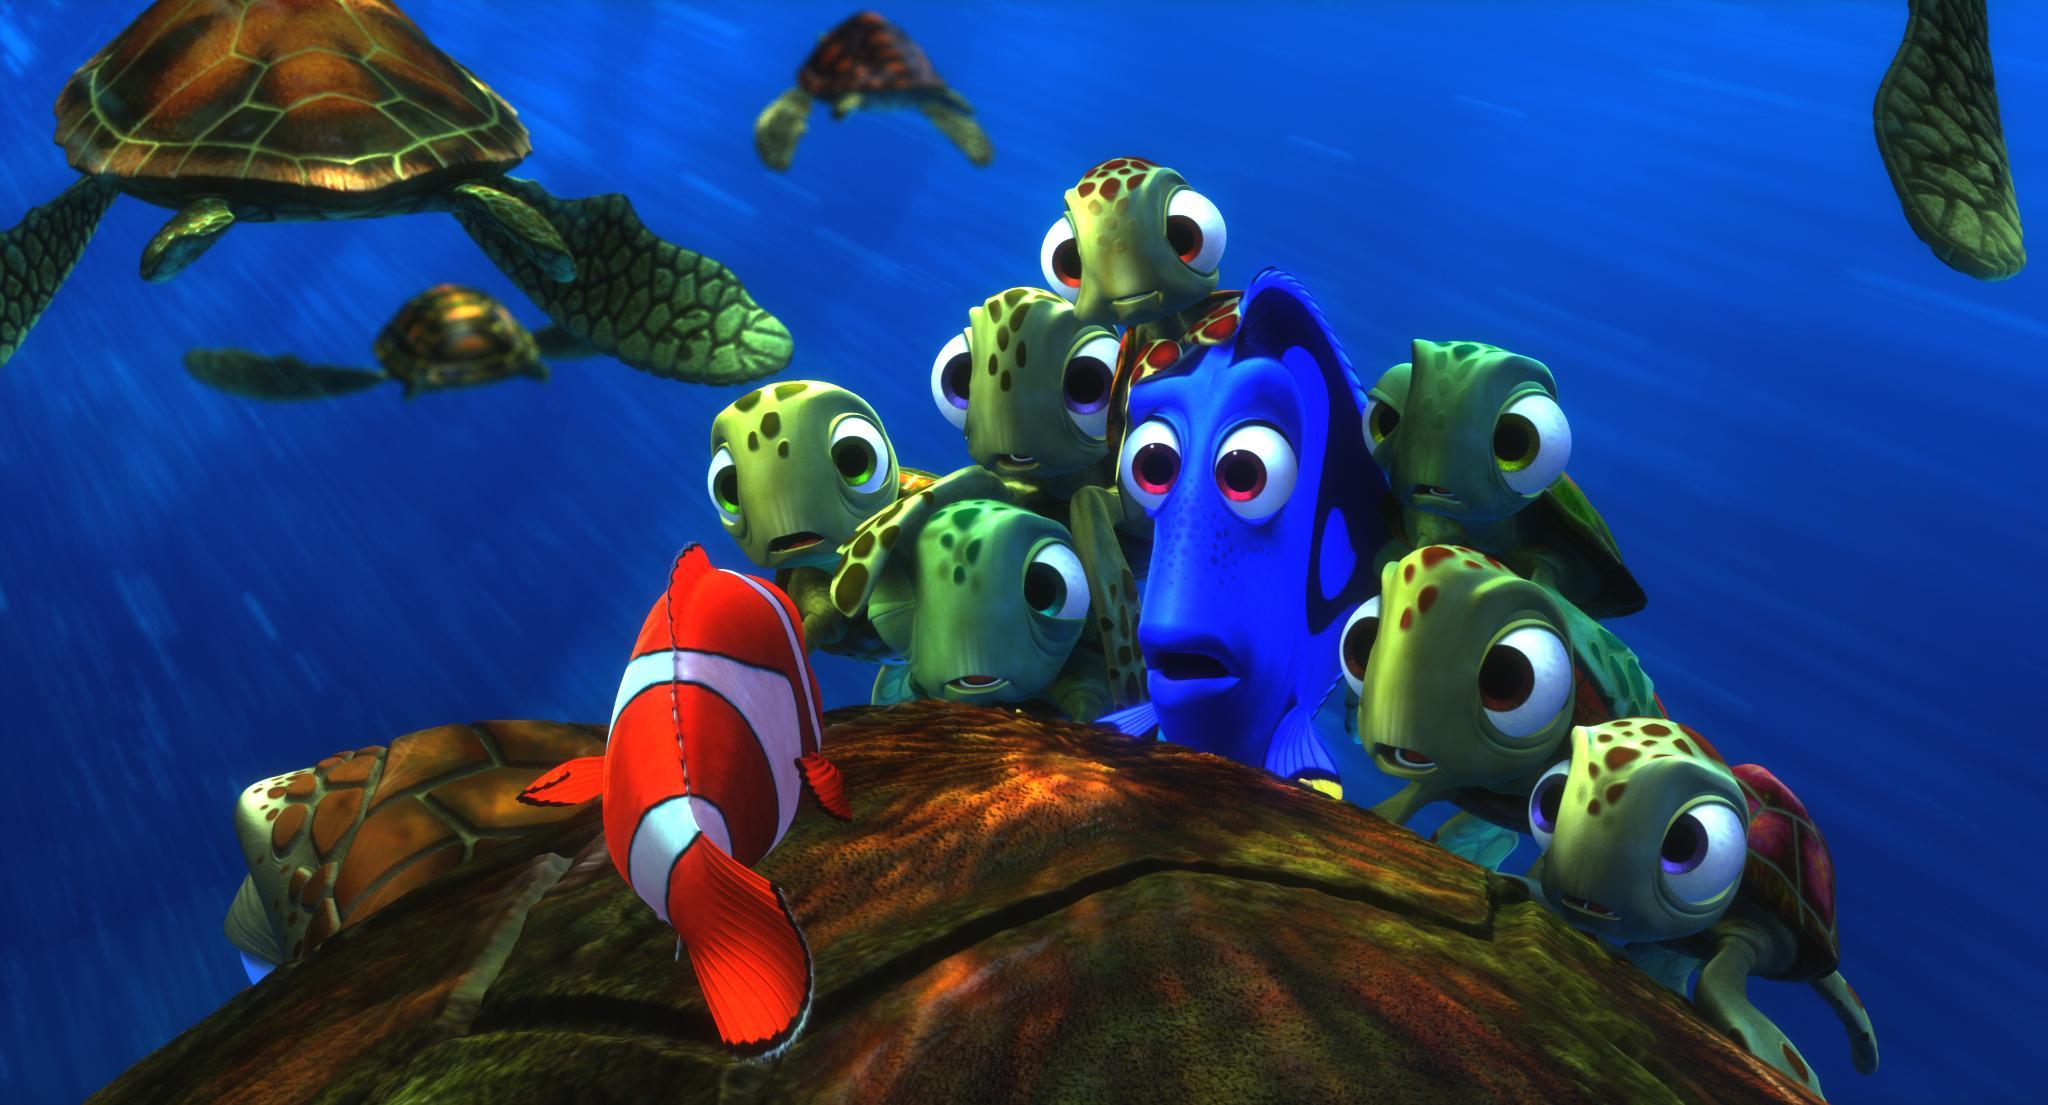 Finding-Nemo-still